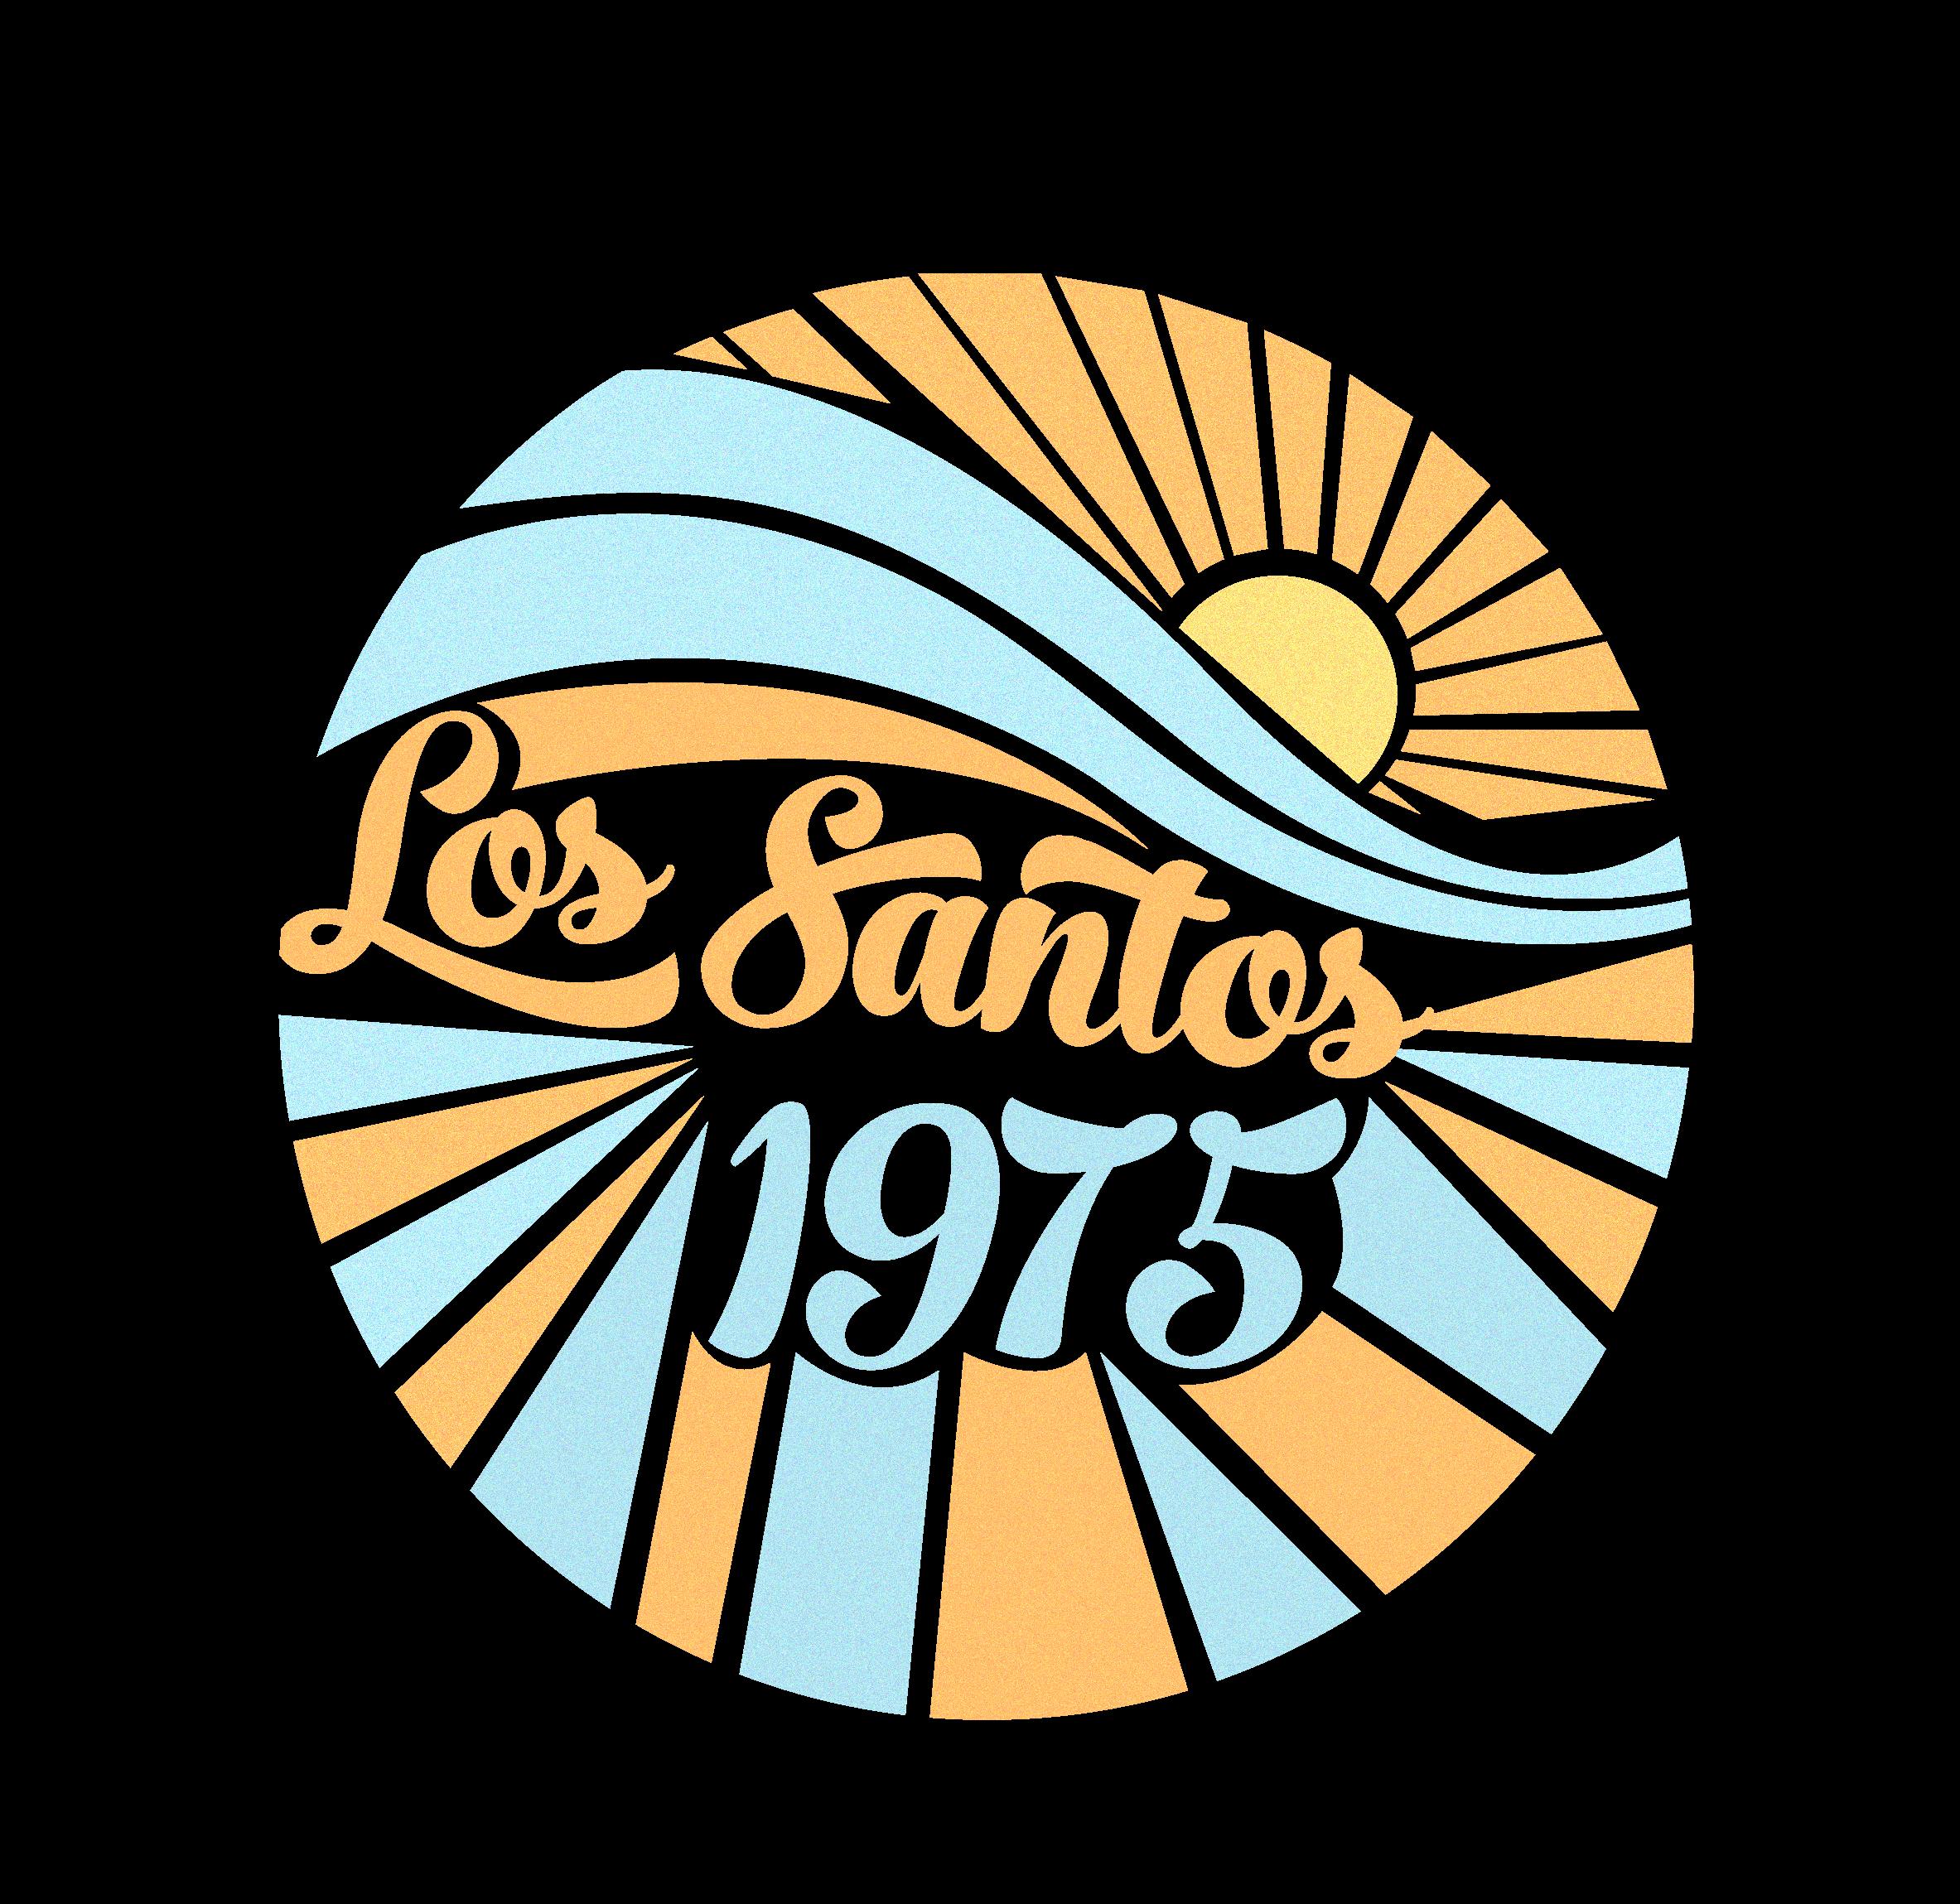 los-santos-1975-ls1975-fivem-roleplay-server-chang-summit-nopixel-koil-best-rp-server-police-criminal-drugs-6